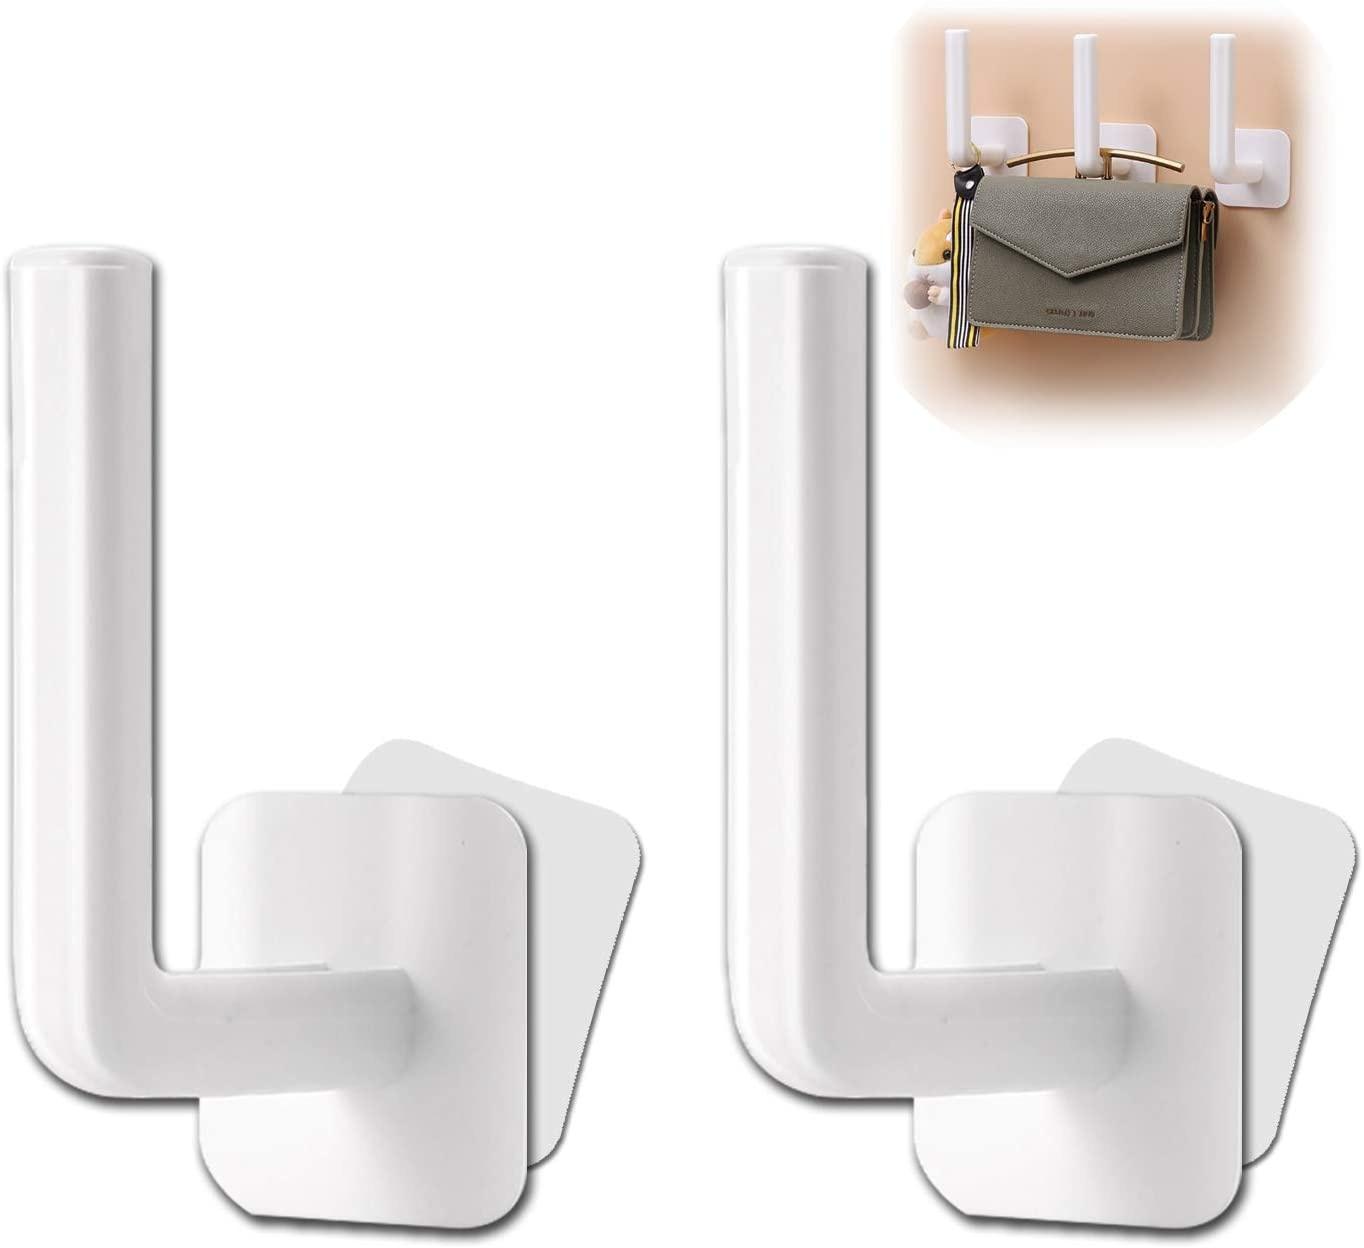 2 шт. многофункциональные настенные крючки для подвешивания пальто 3 м крючки на клейкой основе для кухни ванной комнаты спальни Кабинета ду...